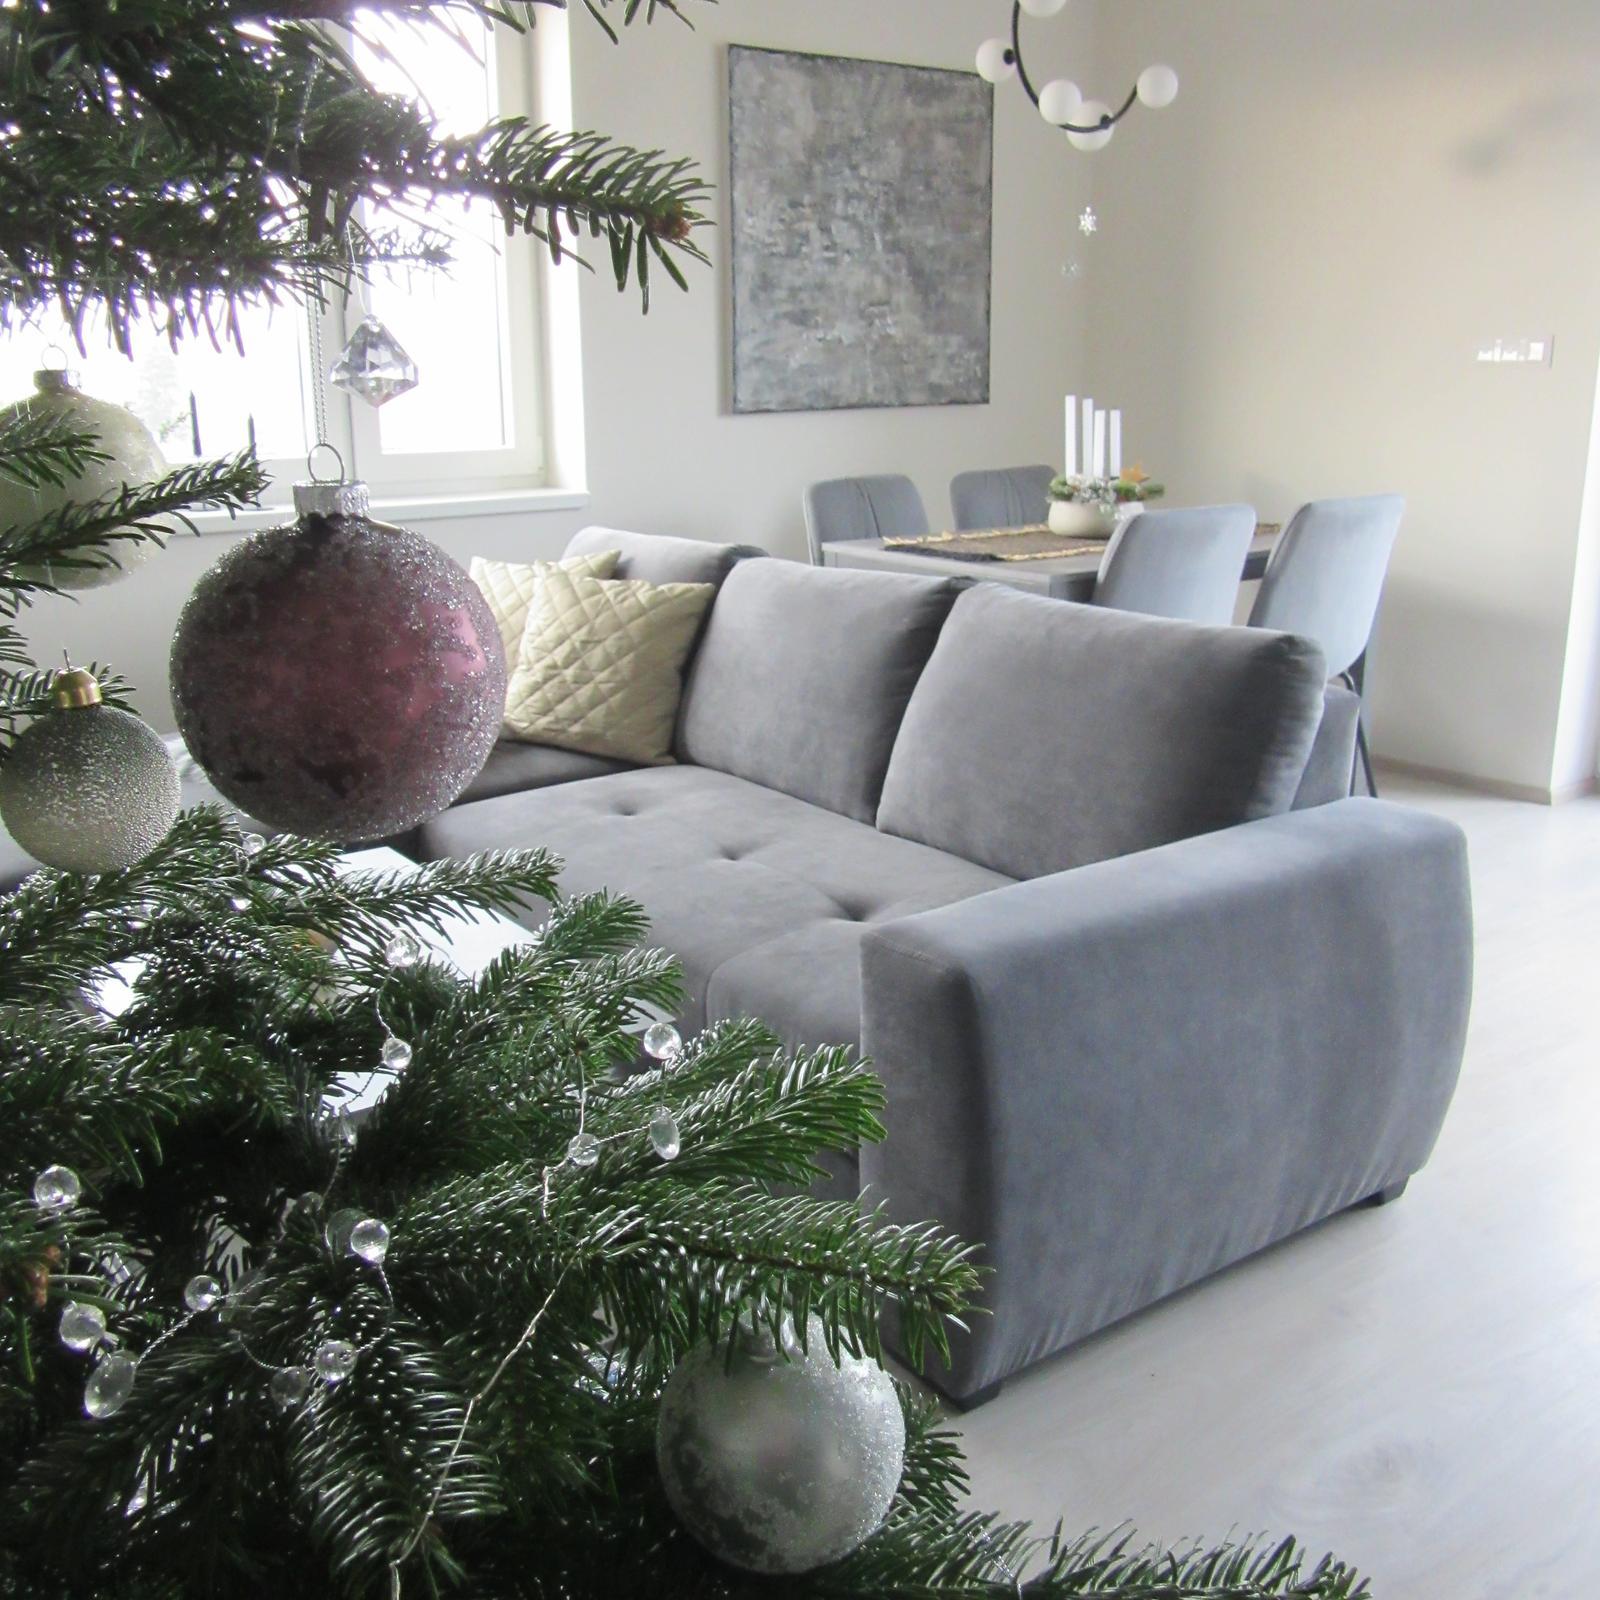 Čas vánoční - Obrázek č. 34